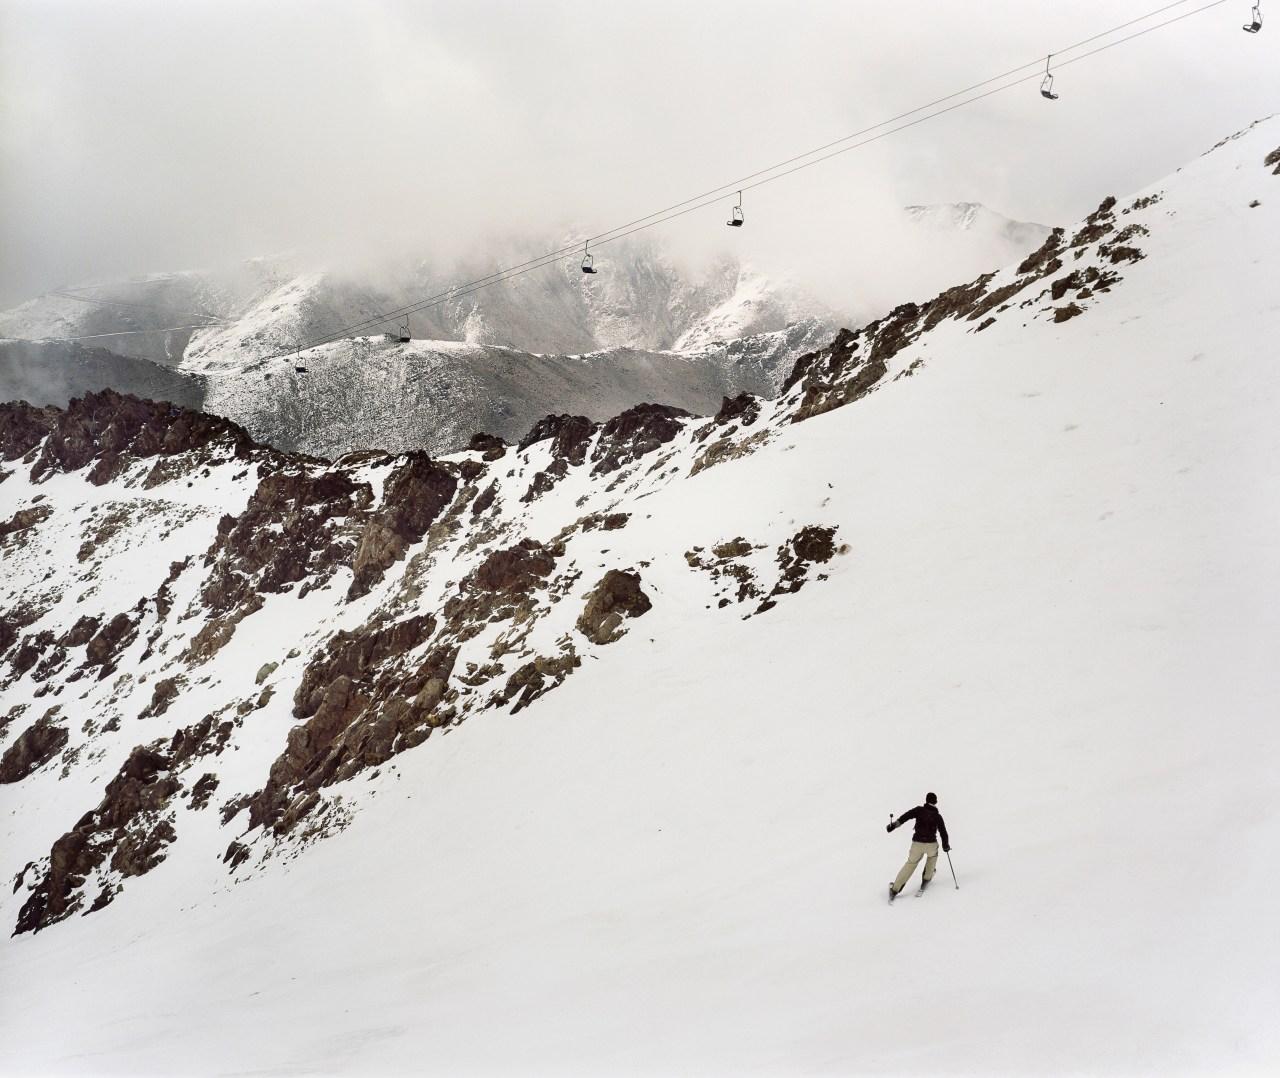 A skier descends Jebel Oukaimeden.